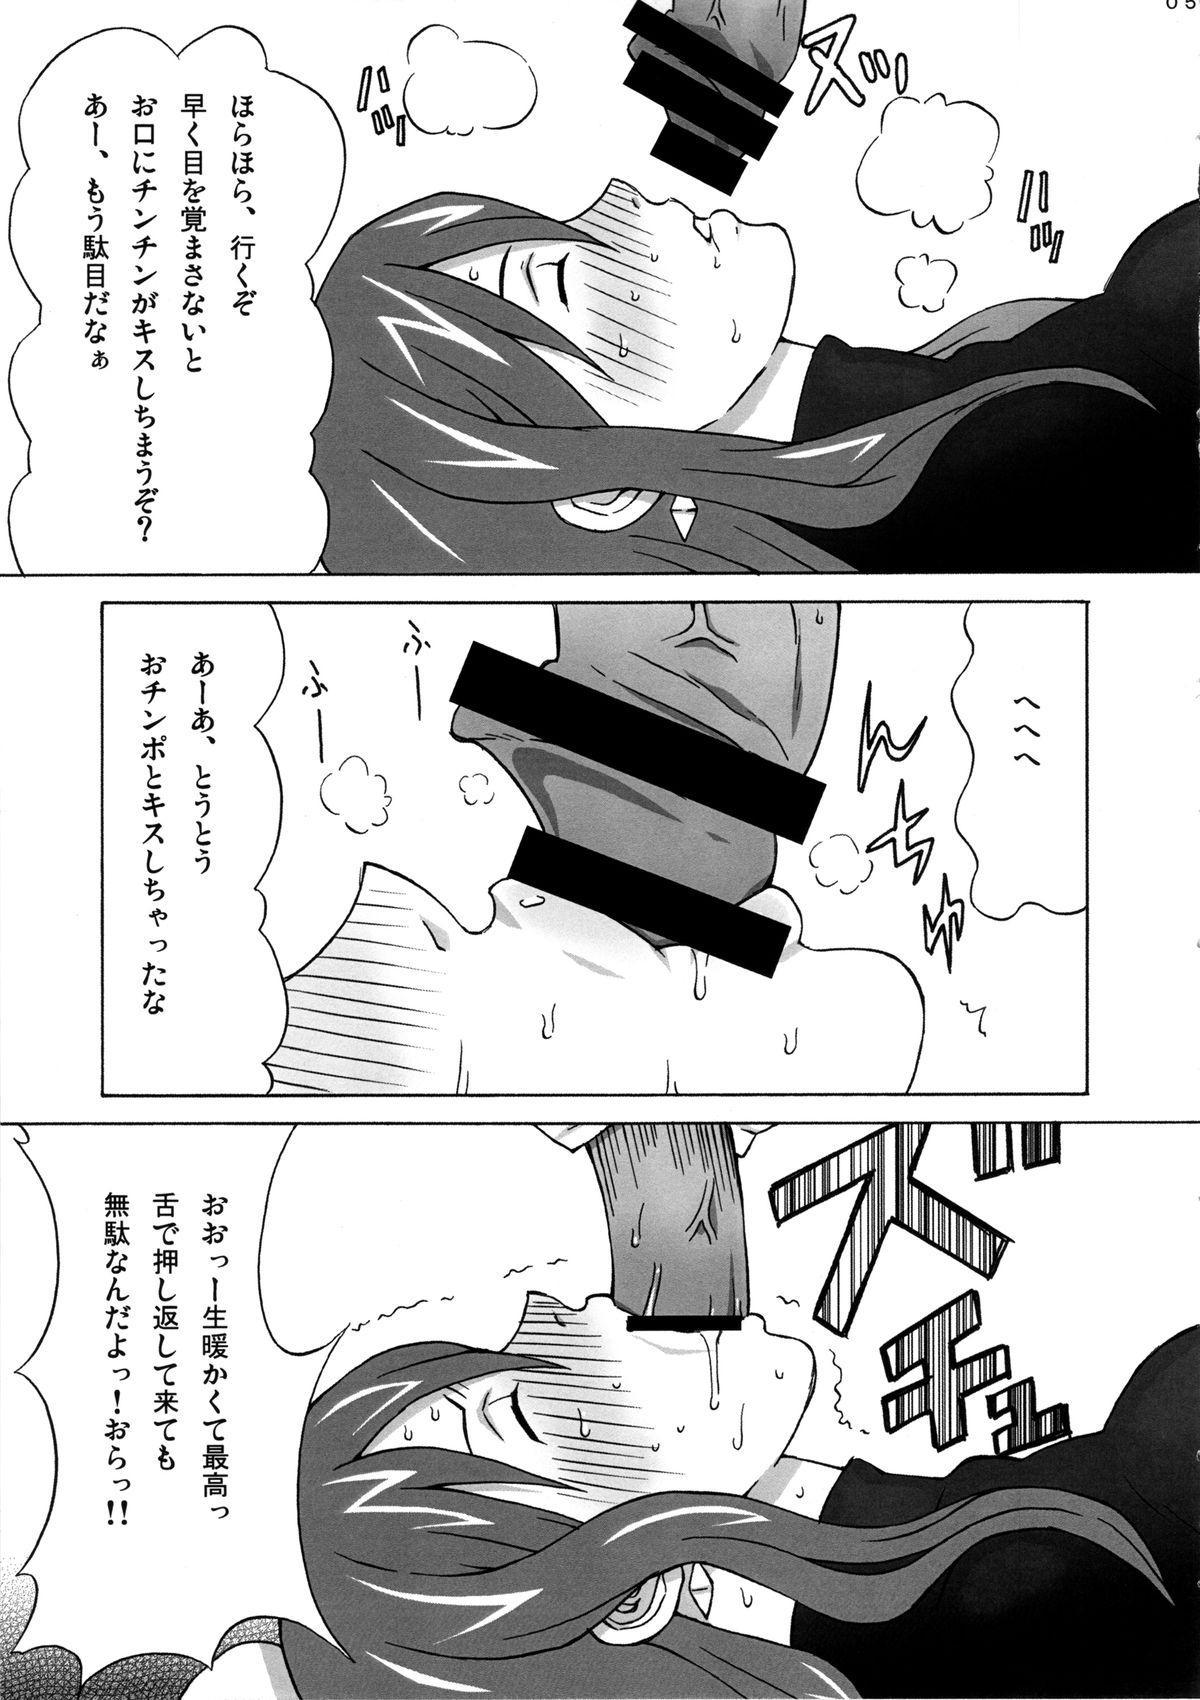 Erza-san wo Choukyou Shite mita. 5